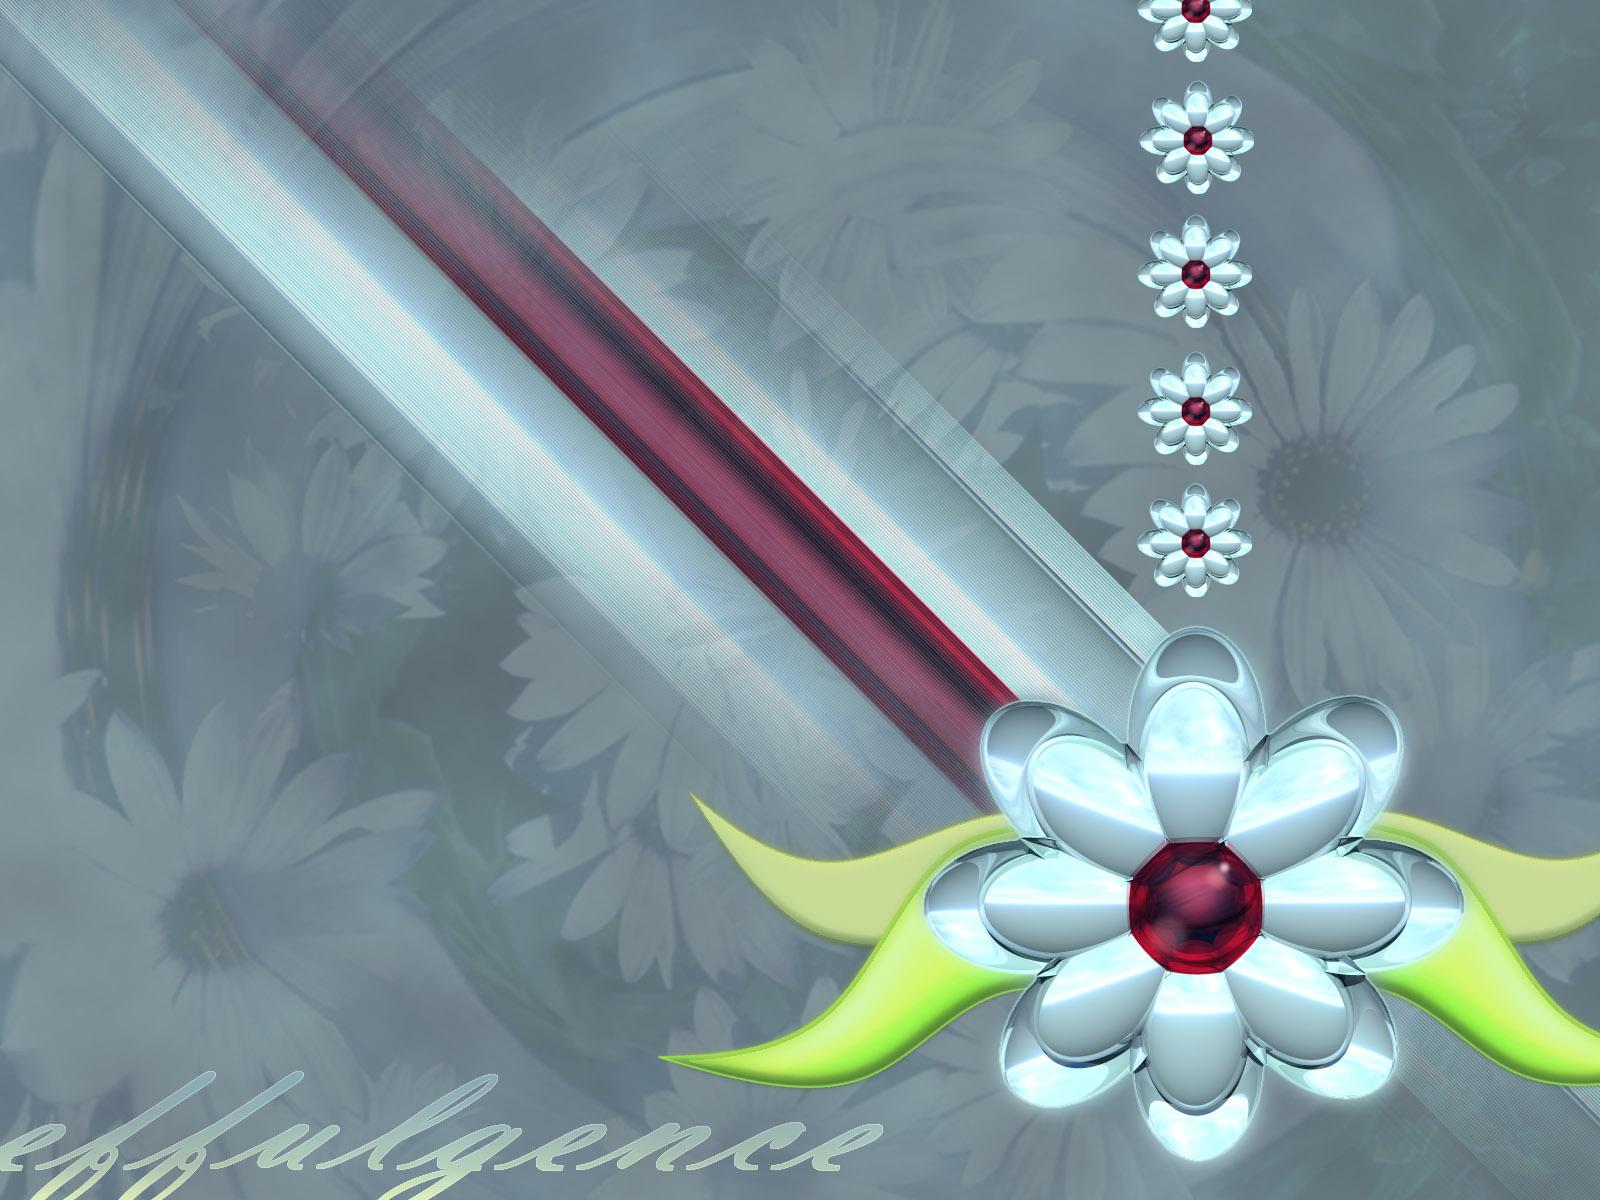 http://3.bp.blogspot.com/_1eqZ2PvXg3c/S9pxWGHCEqI/AAAAAAAAK7E/dcwPL3rLS4k/s1600/digital-wallpaper024.jpg